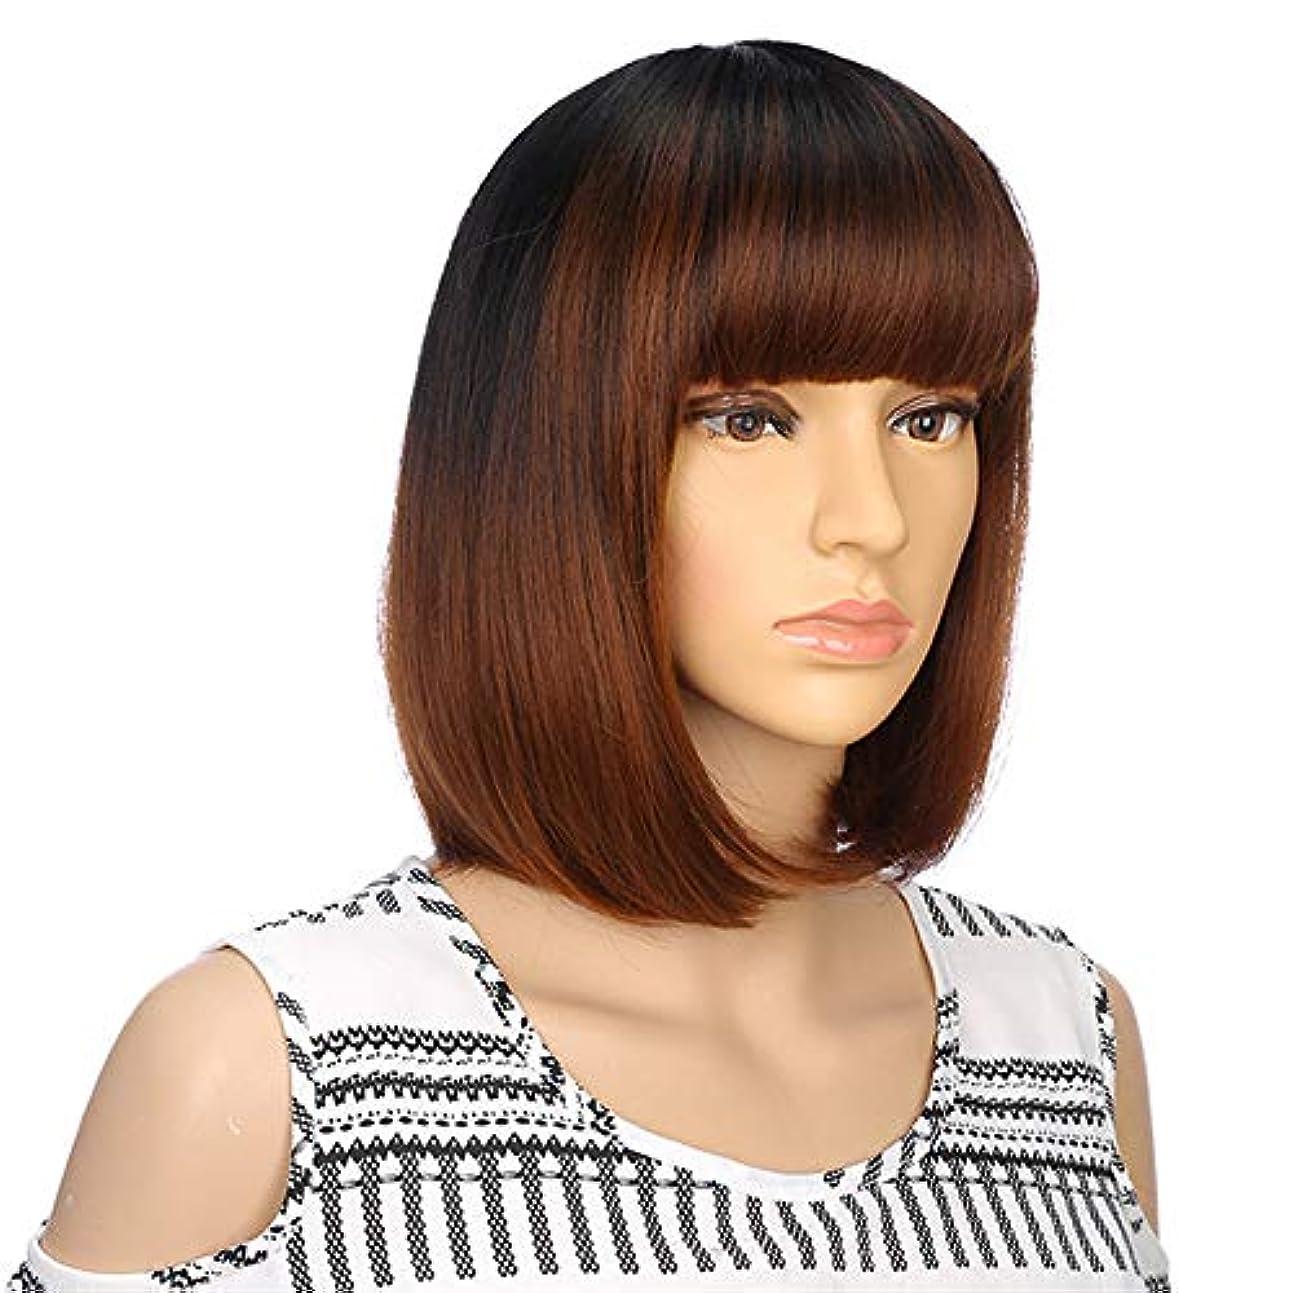 リア王ボトル組み立てるヘアエクステンション合成ブラウンストレートウィッグ女性用前髪長ボブヘアウィッグ耐熱ヘアスタイルコスプレウィッグ13インチ